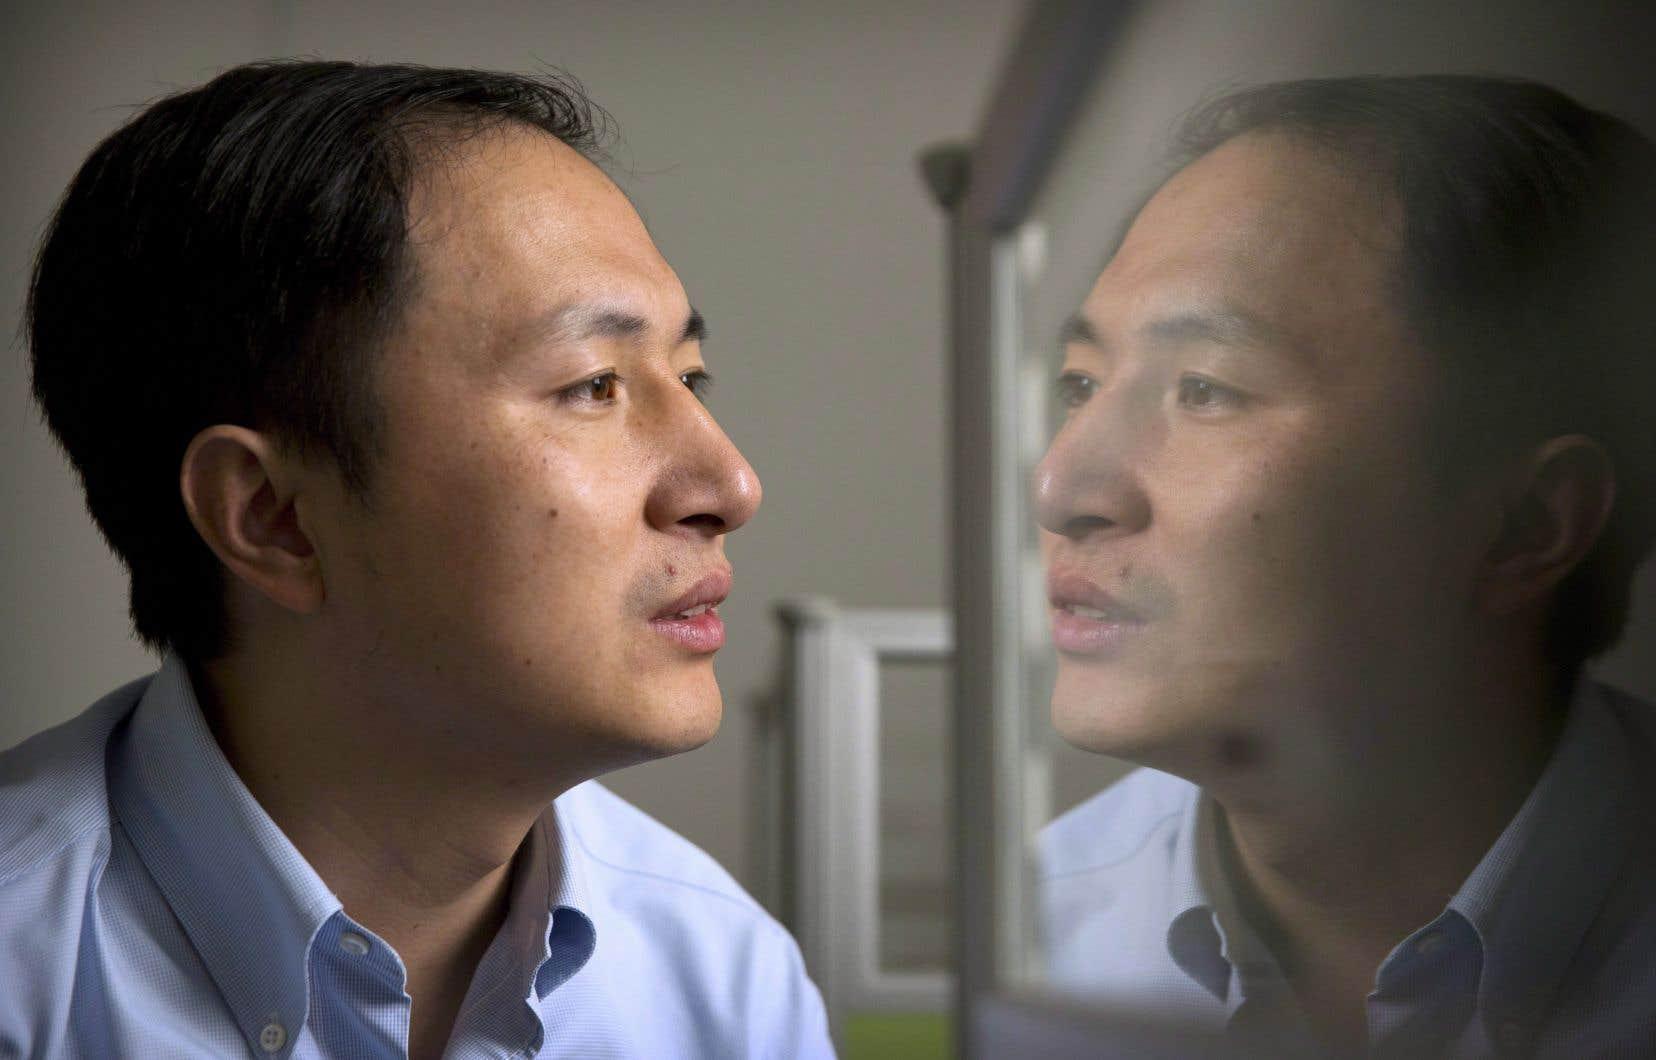 Le chercheur He Jiankui a annoncé dimanche la naissance de jumelles dont l'ADN a été modifié — une première médicale autoproclamée qui n'a pas été vérifiée de façon indépendante.